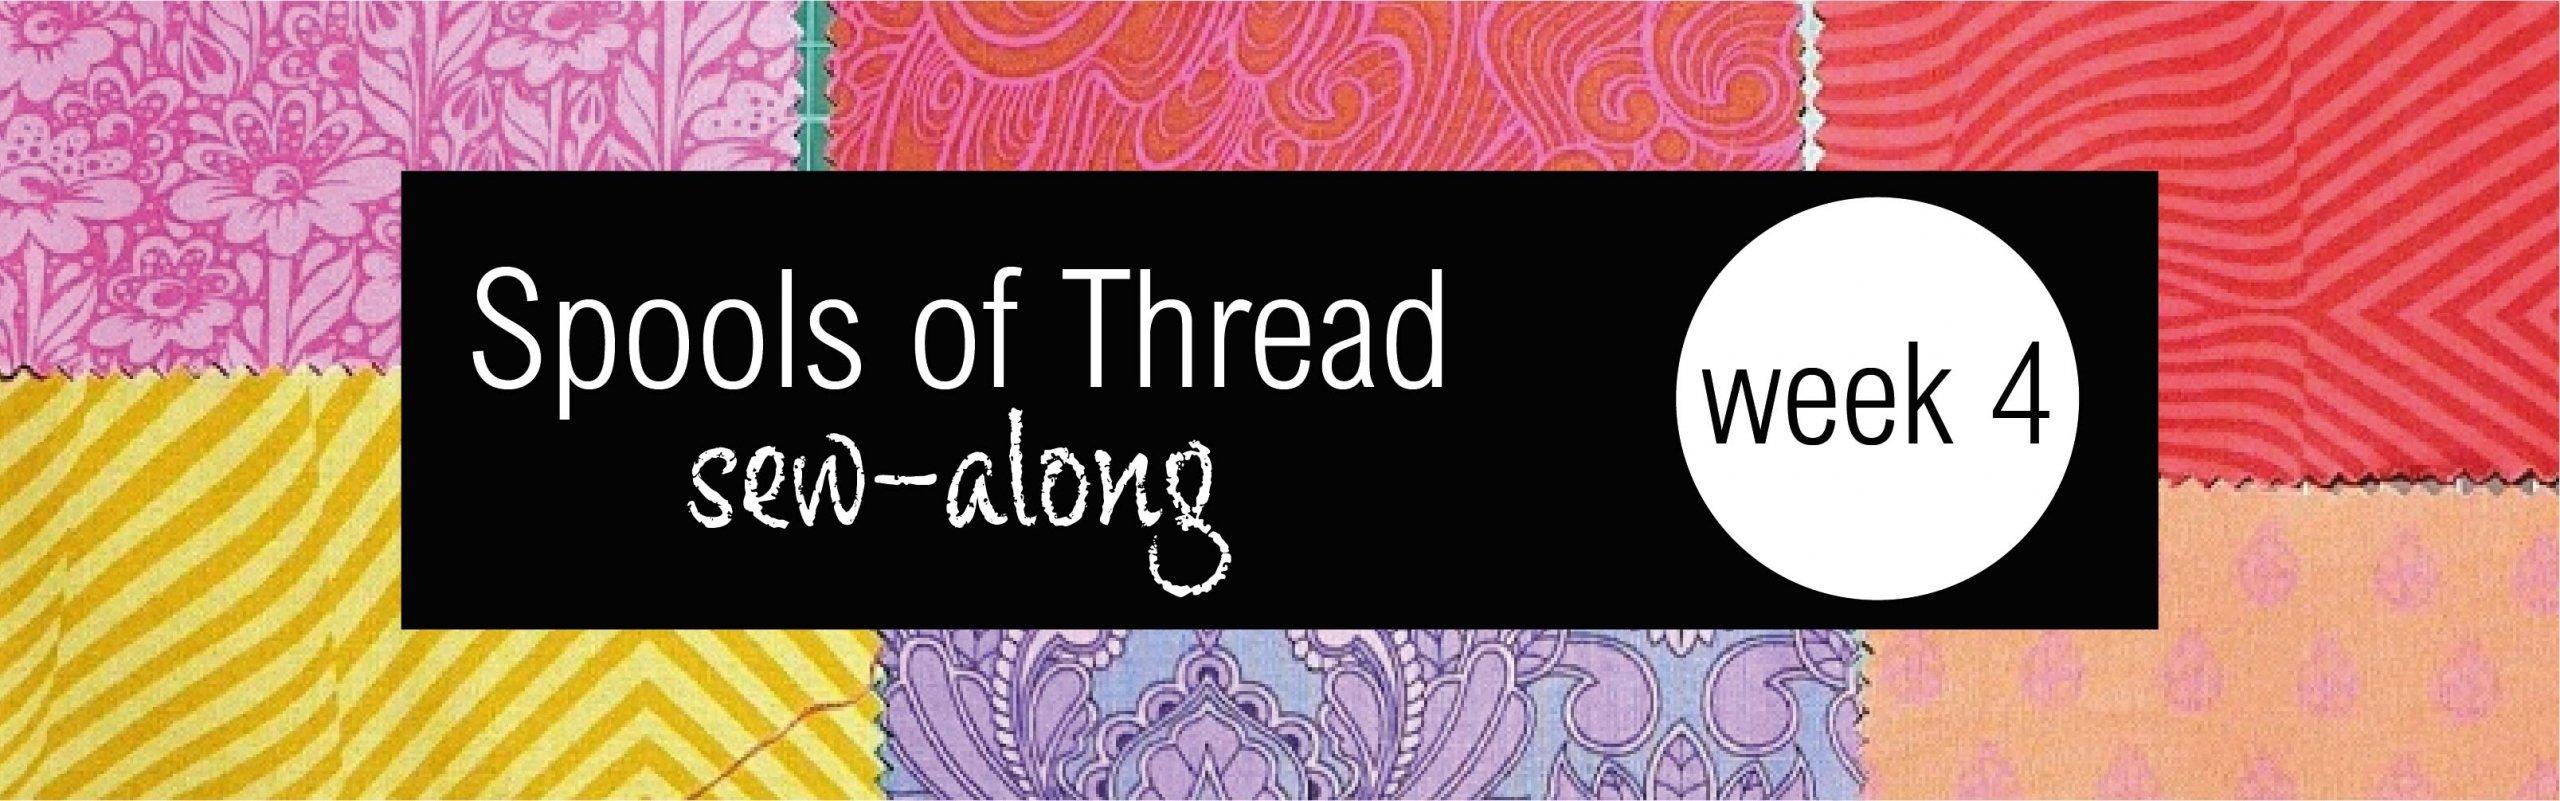 Spools of Thread Week 4